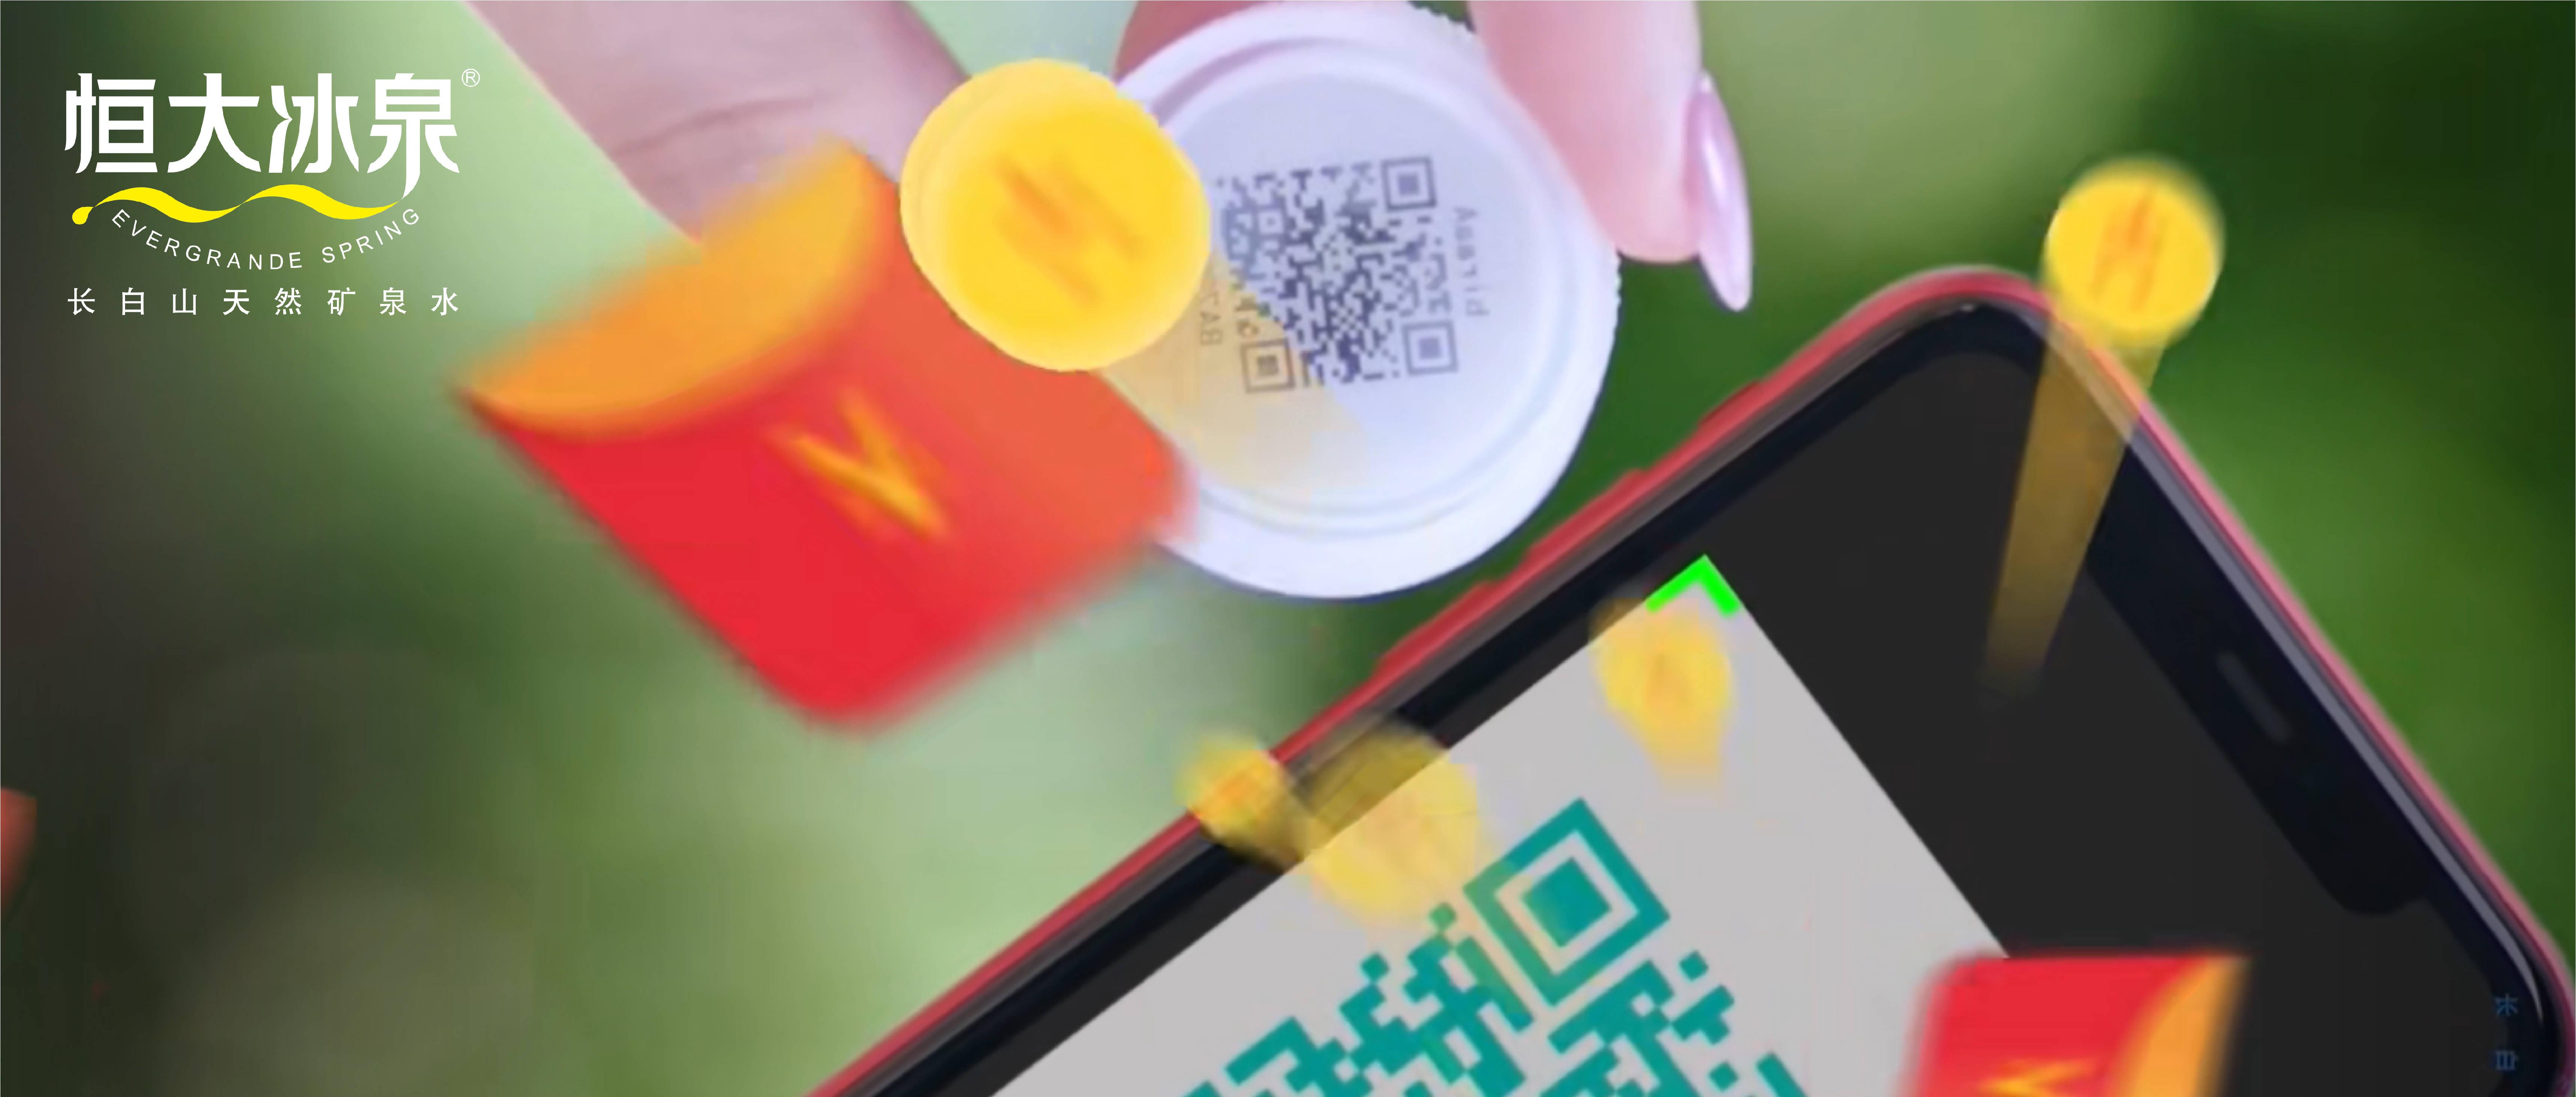 """微信支付""""品牌红包""""升级,新增视频号、小程序入口,助力零售品牌私域运营"""